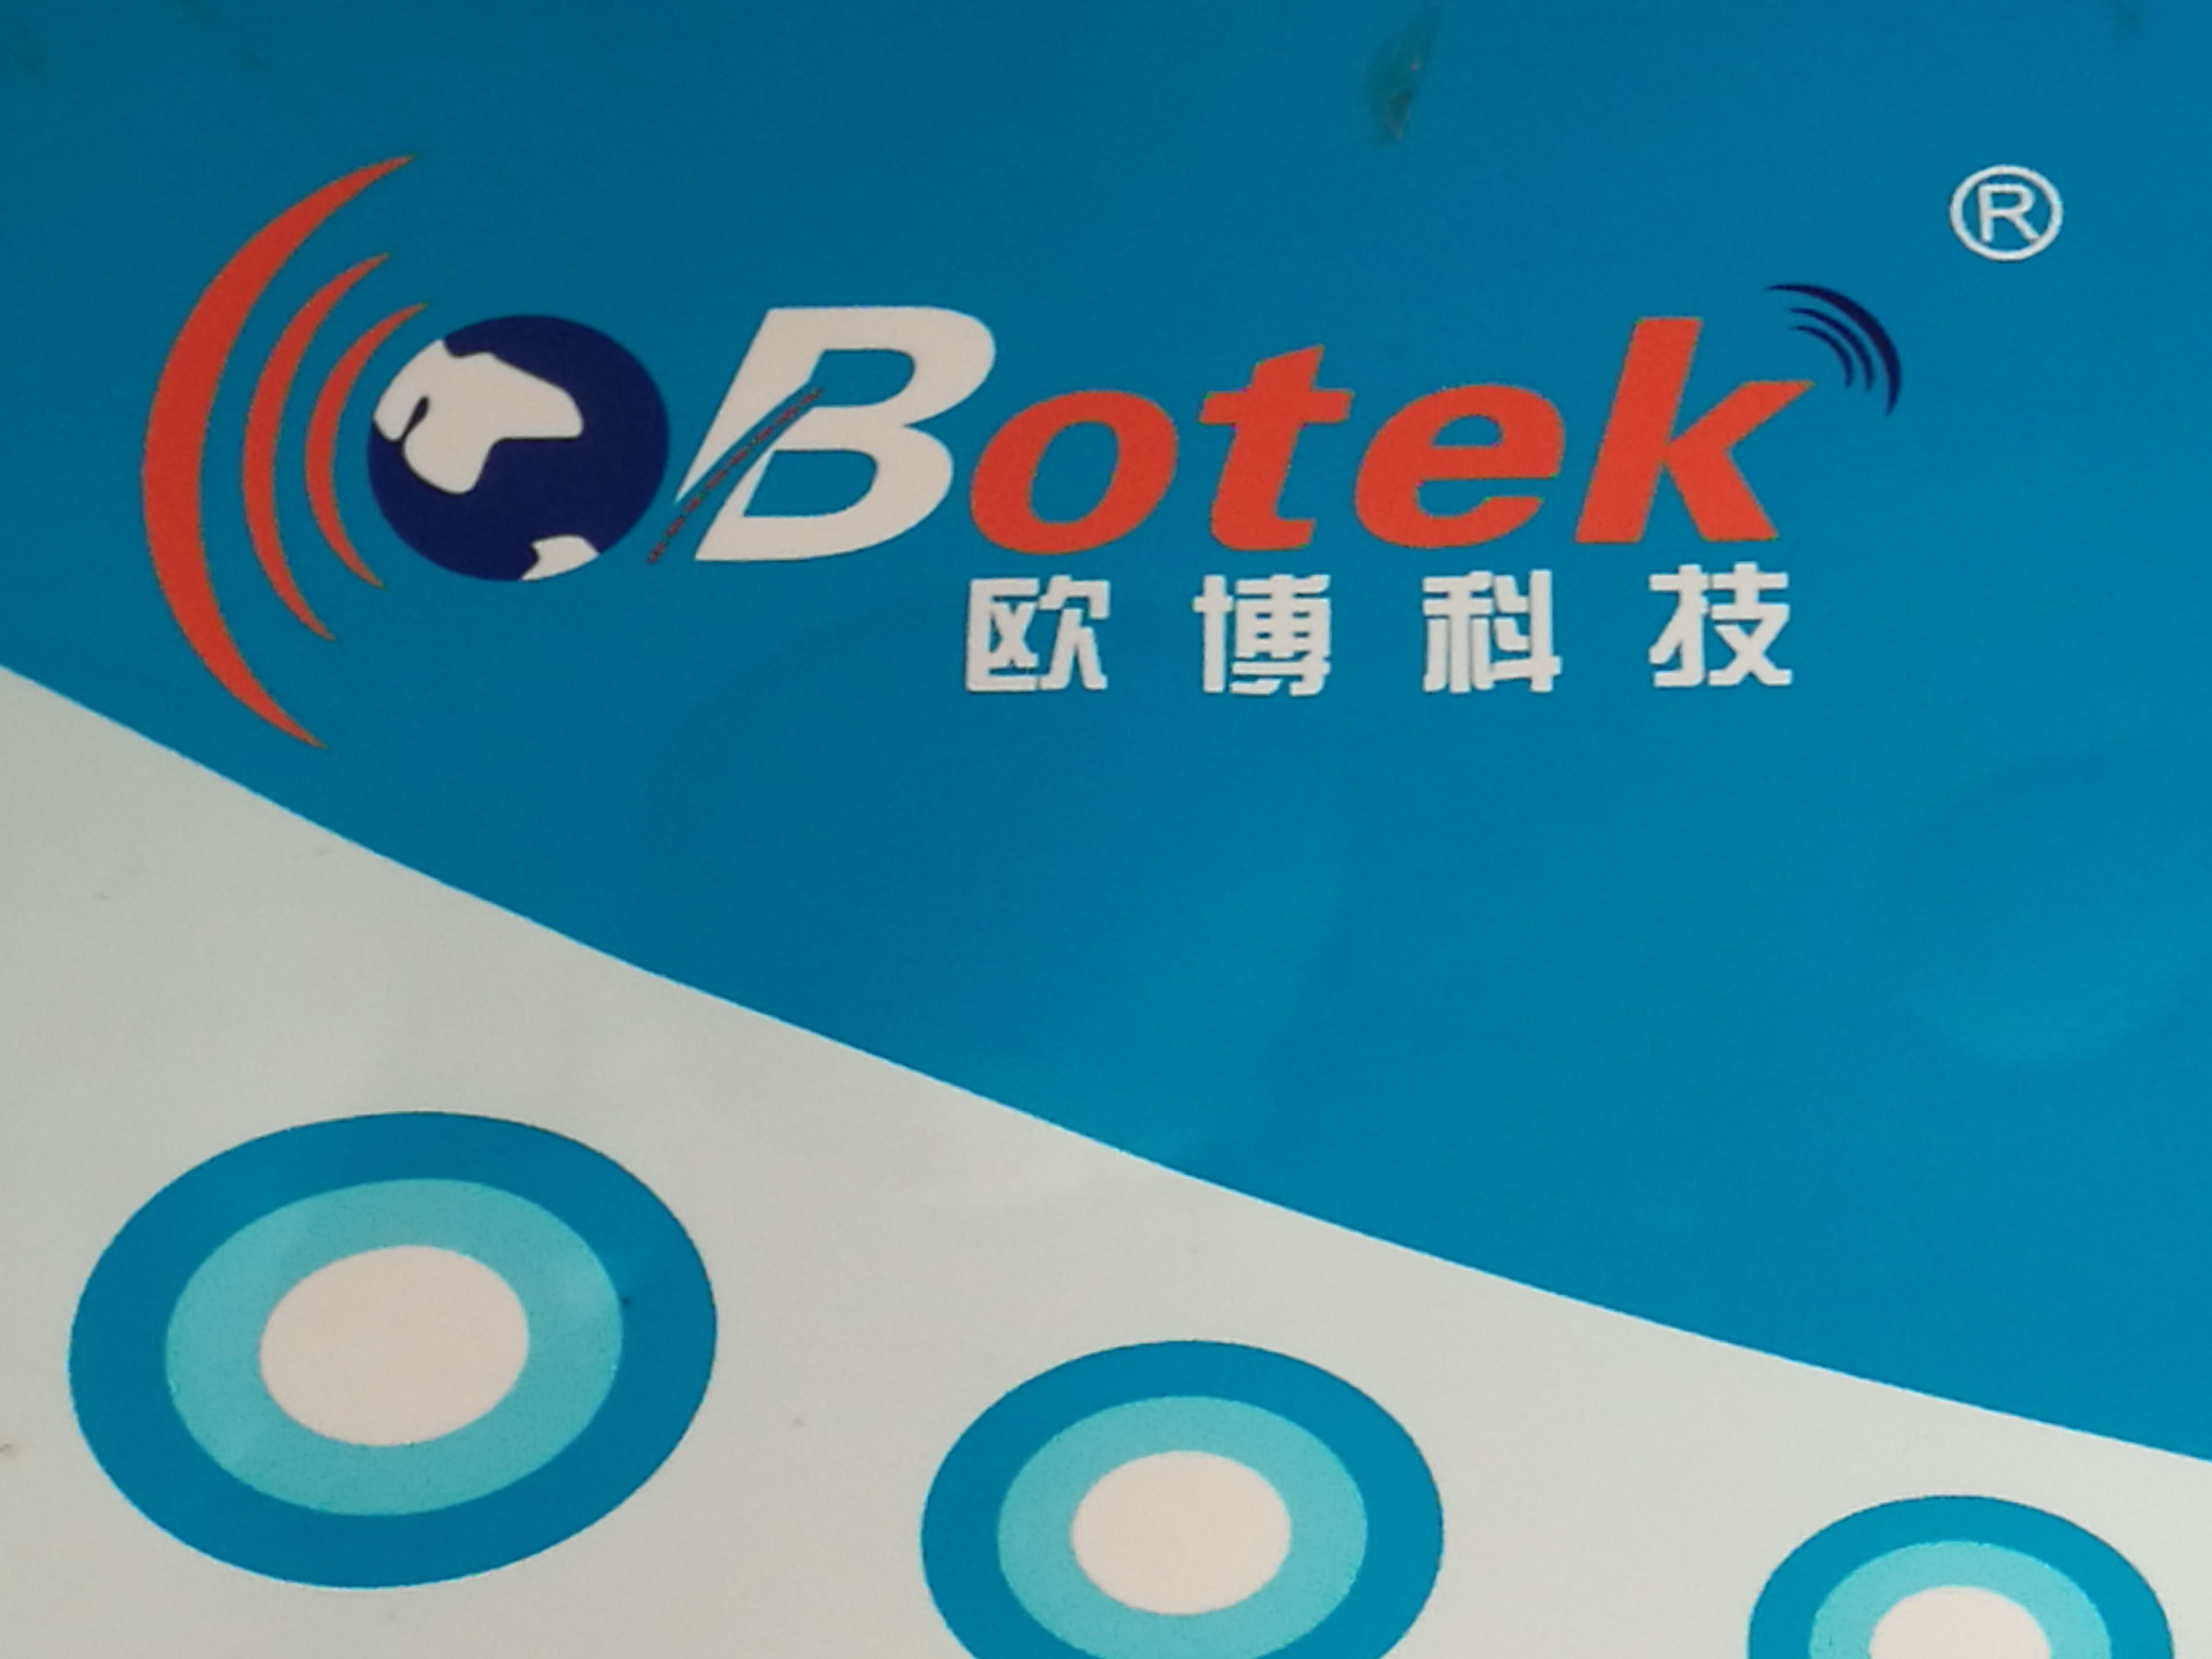 广西钦州保税港区欧博科技开发有限公司